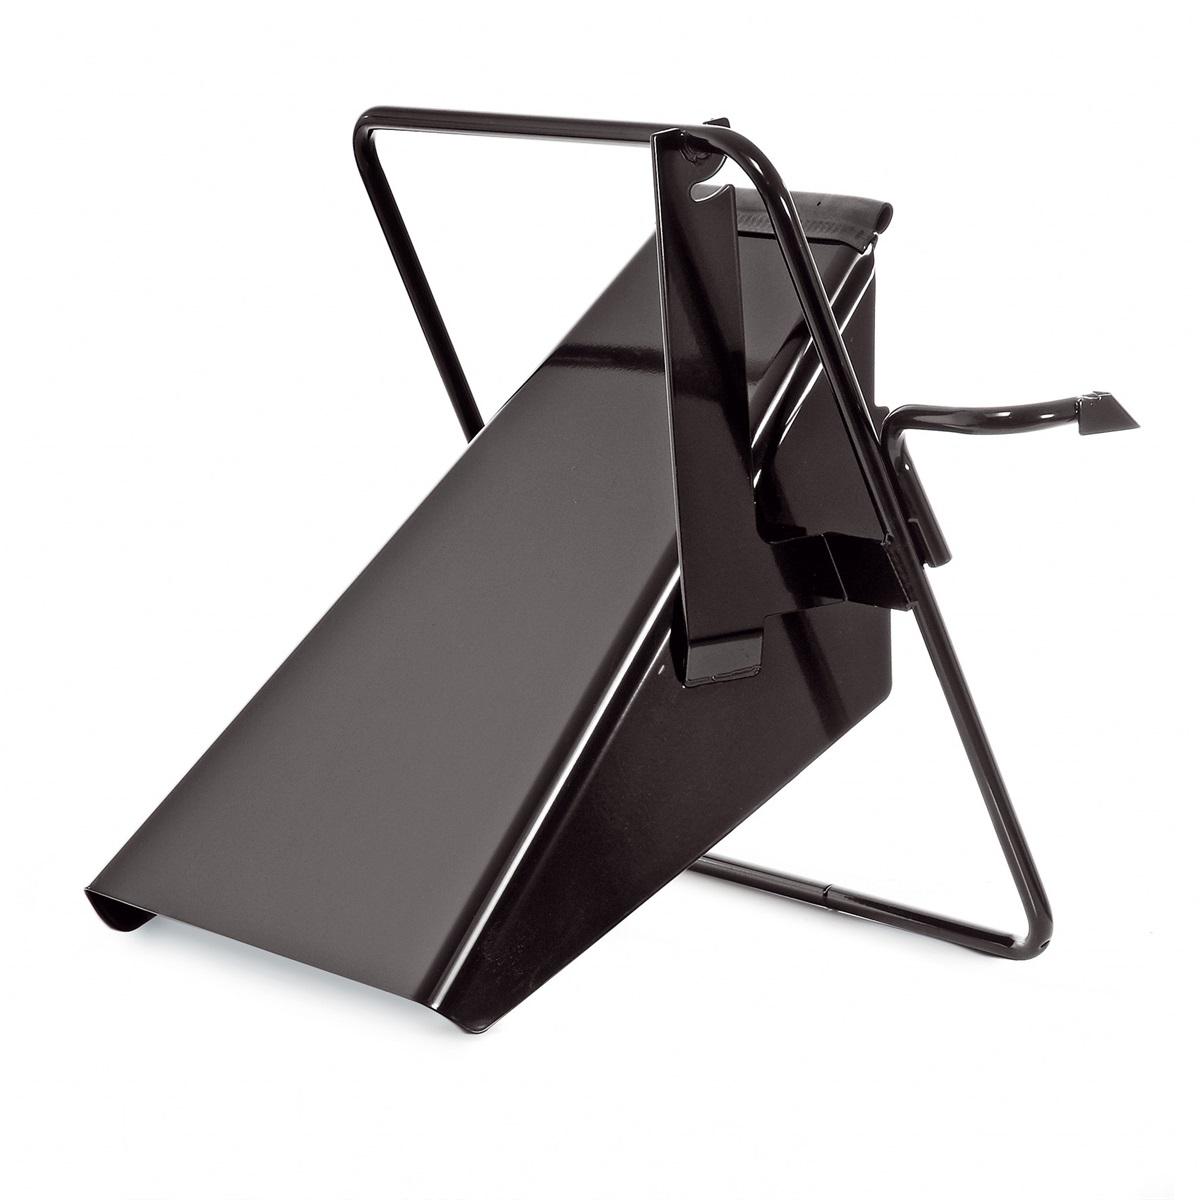 - Deflektor pro zadní výhoz 92 a 105 cm